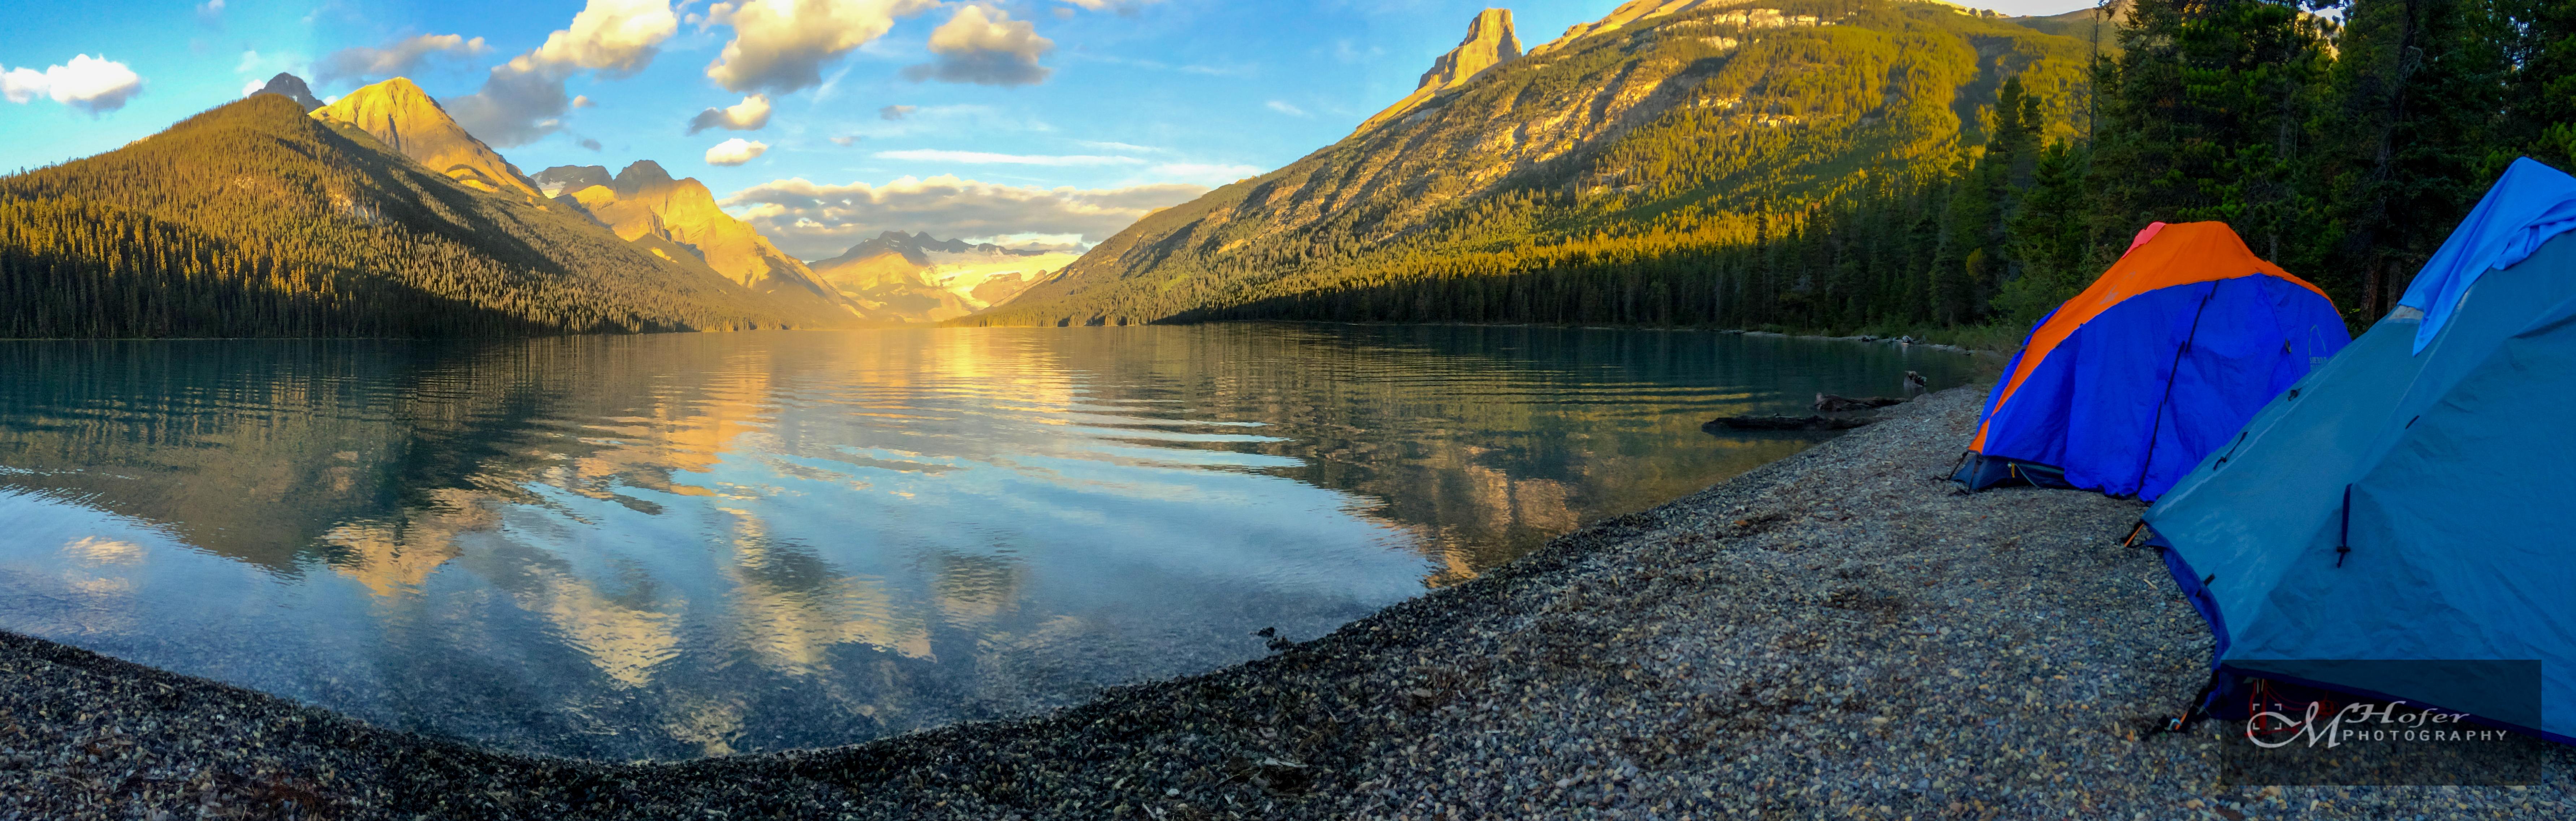 Glacier Lake _WEB_MHOFER-2234-2.jpg